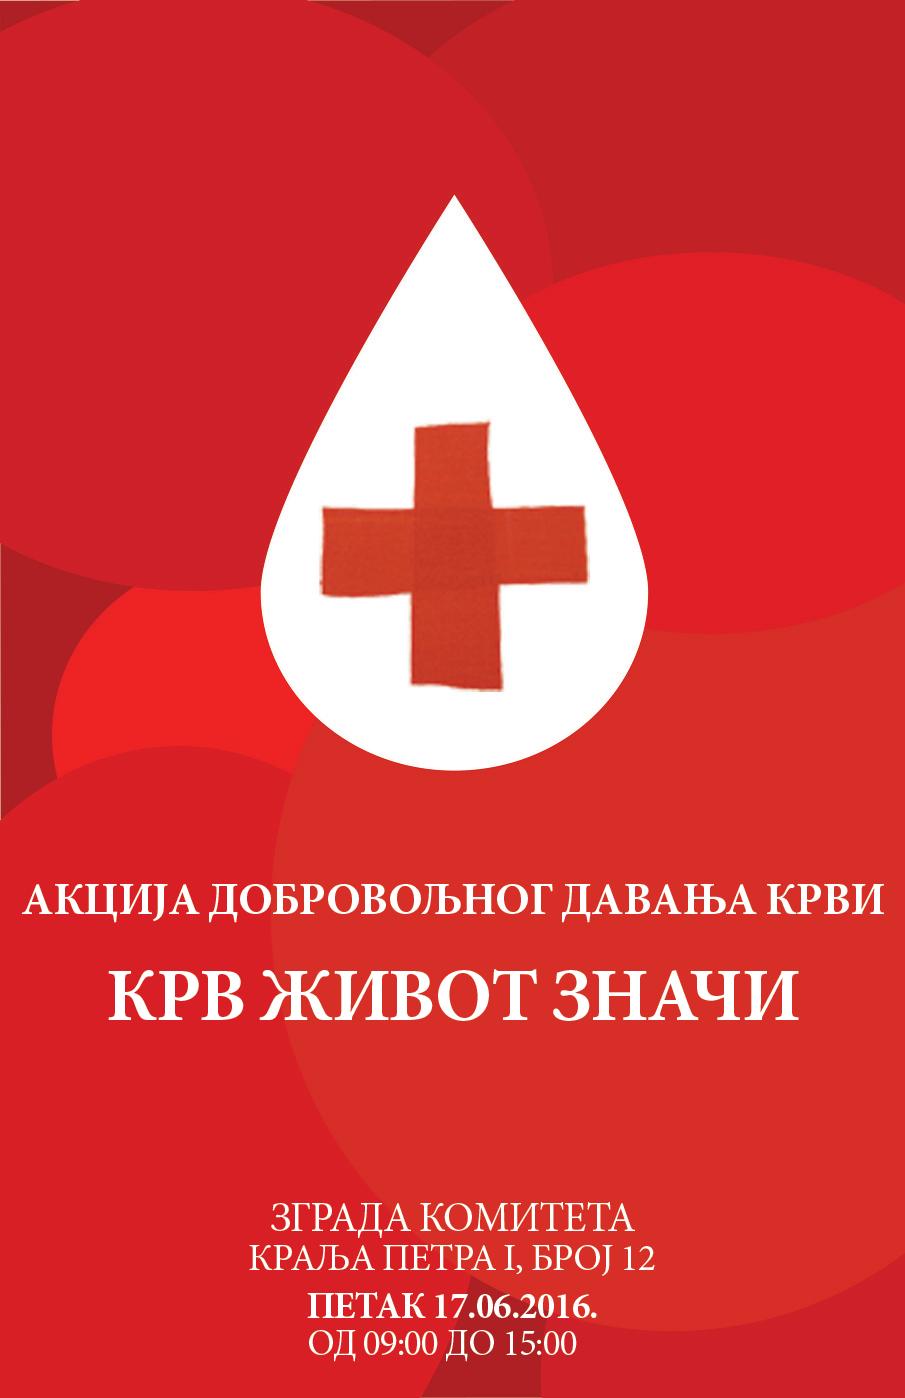 akcija-davanja-krvi2